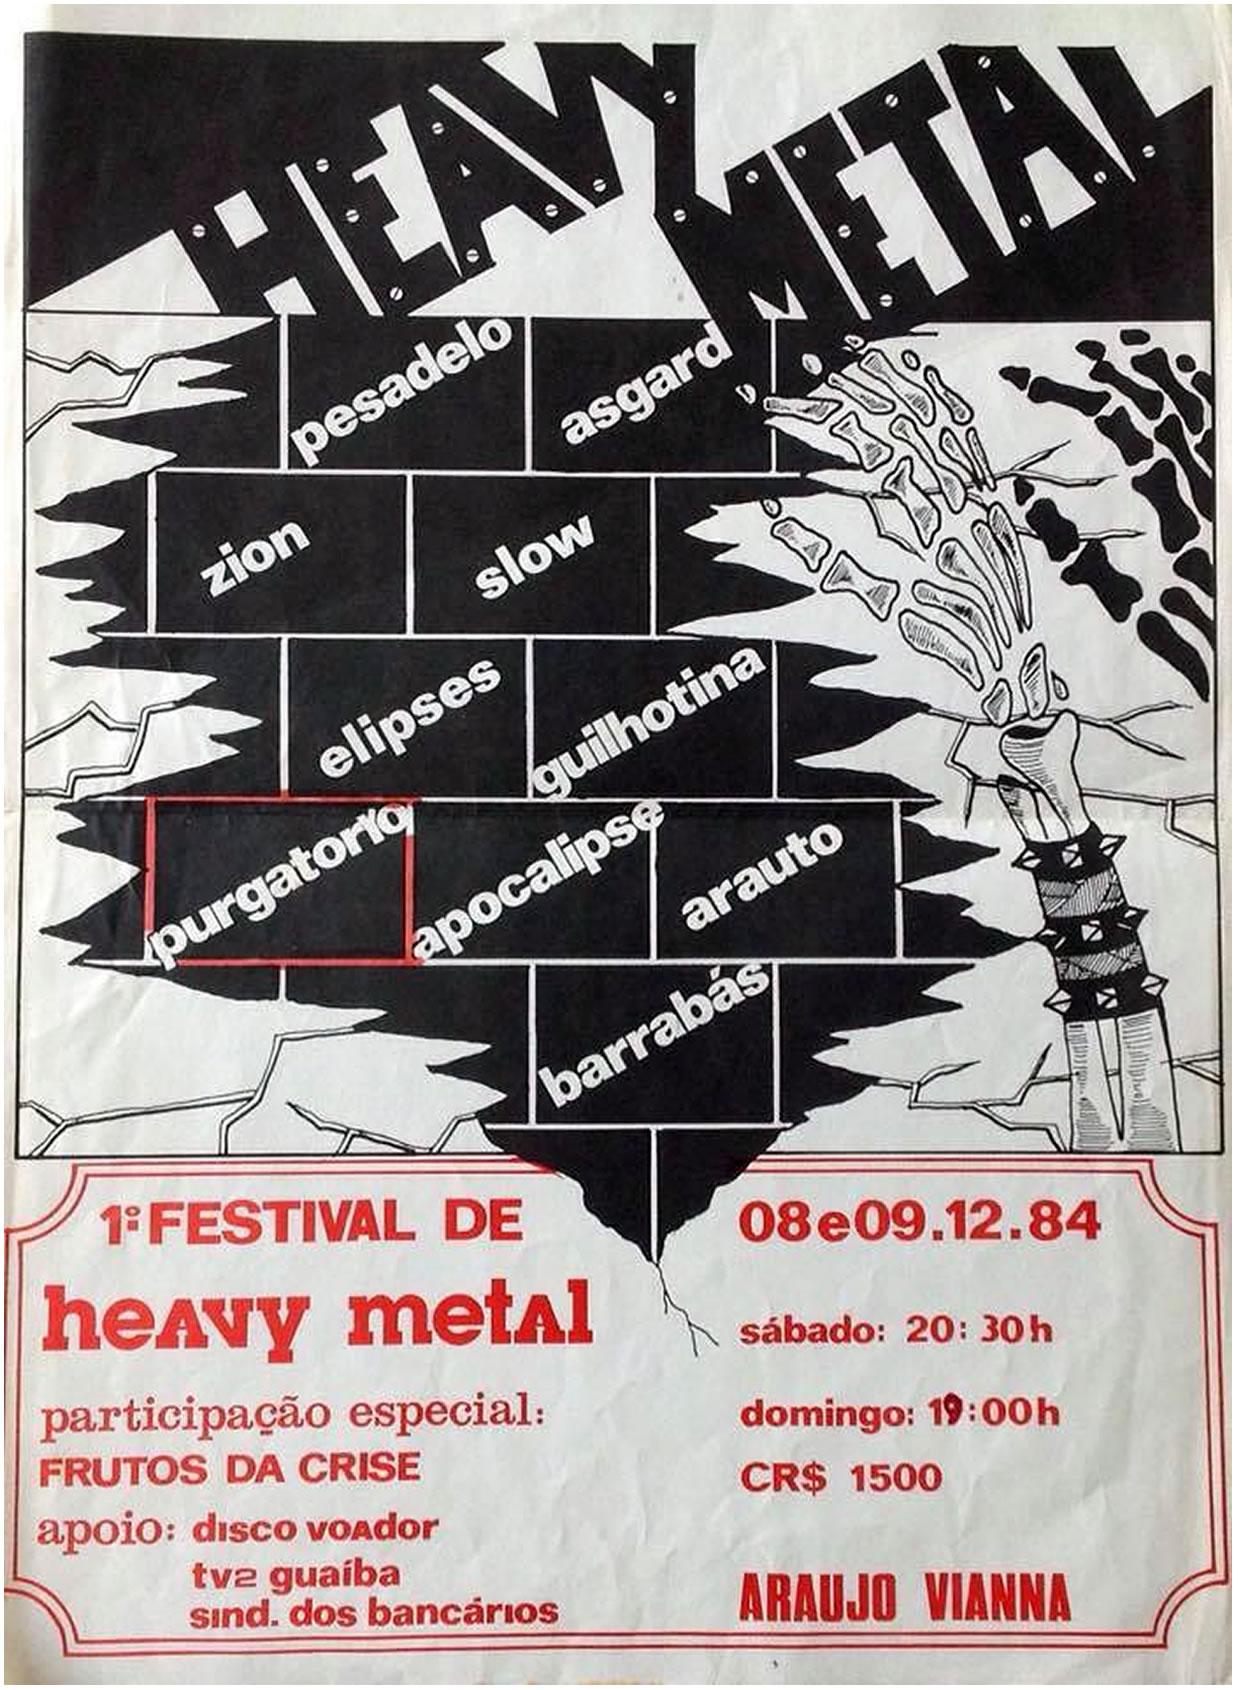 [ACERVO] Poster 1ª Festival de Heavy Metal de Porto Alegre e show da 'Frutos da Crise'